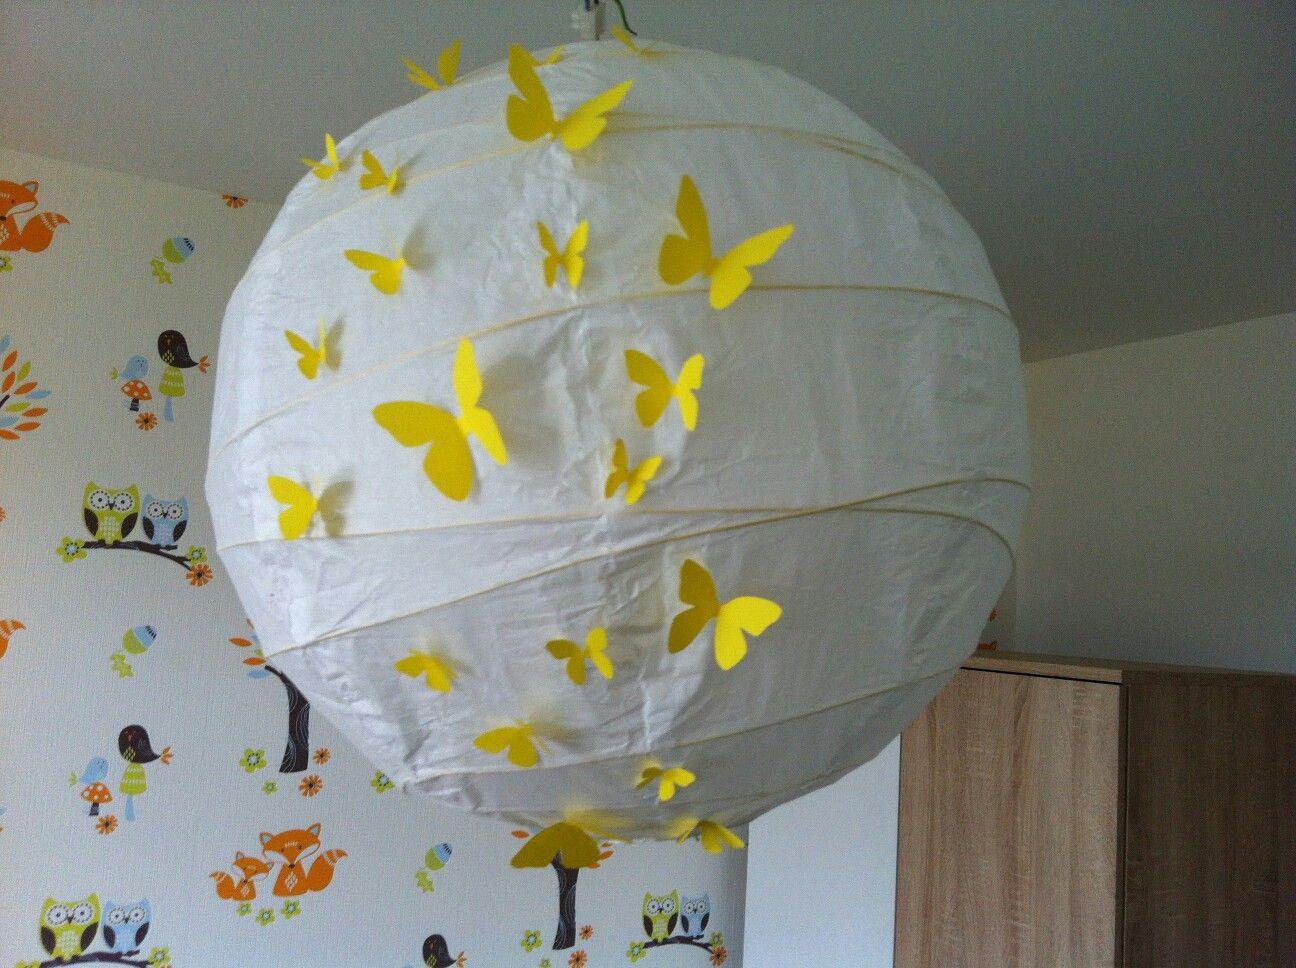 Ikea Kinderzimmer Lampe | Kinderzimmer Lampe Gelb Schmetterling Ikea Pimp It Selbst Gemacht